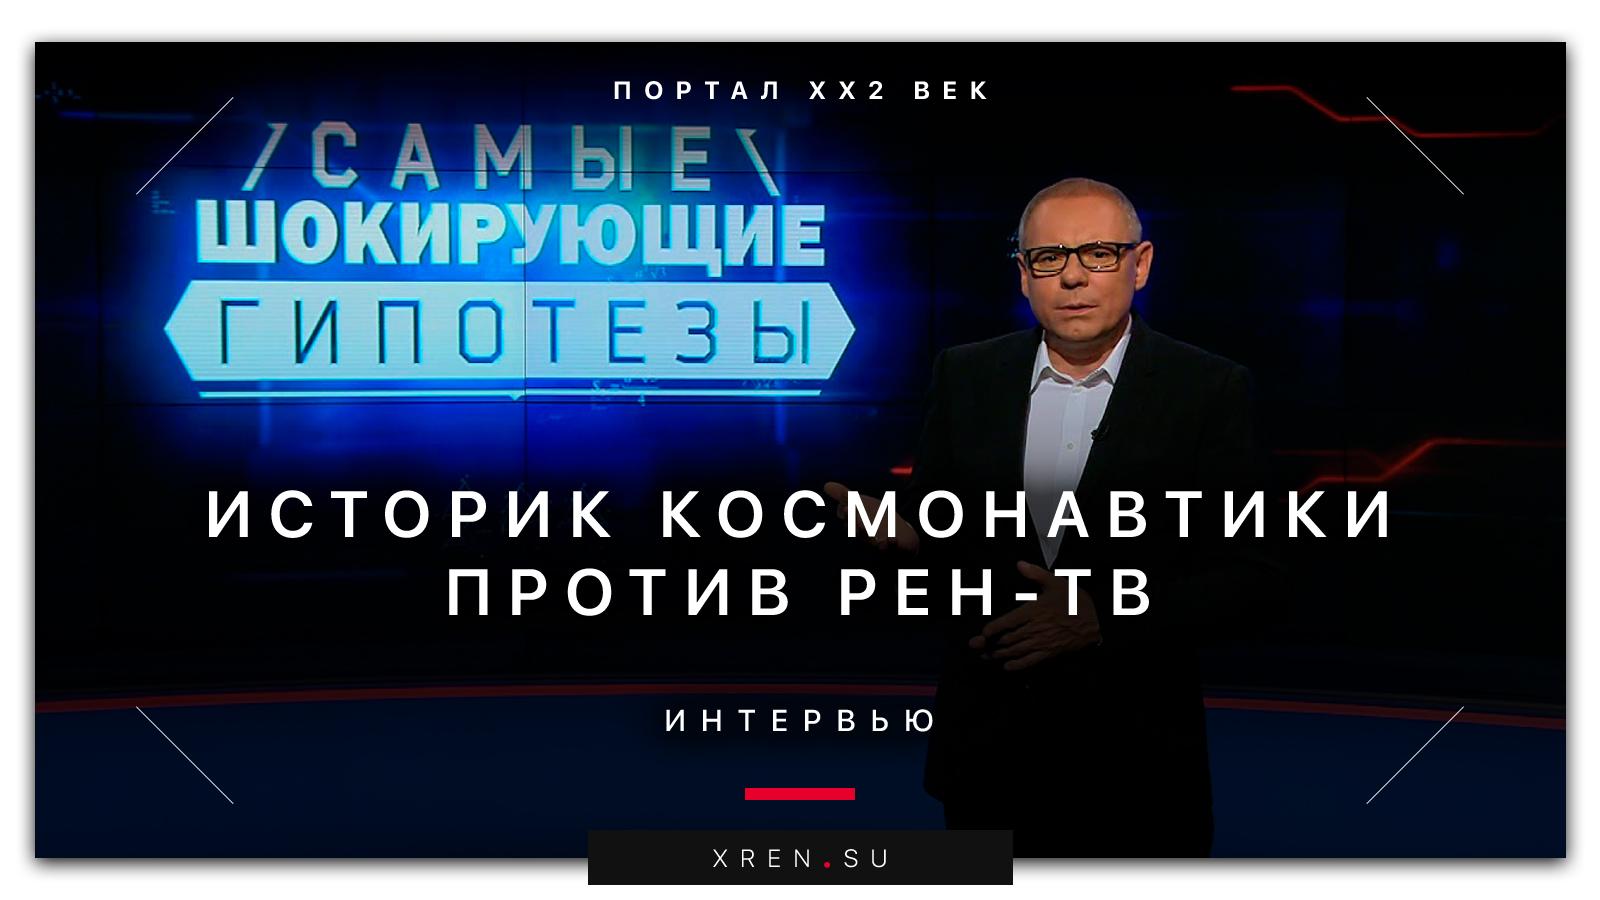 Историк космонавтики против РЕН ТВ: интервью с Антоном Первушиным и Александром Соколовым